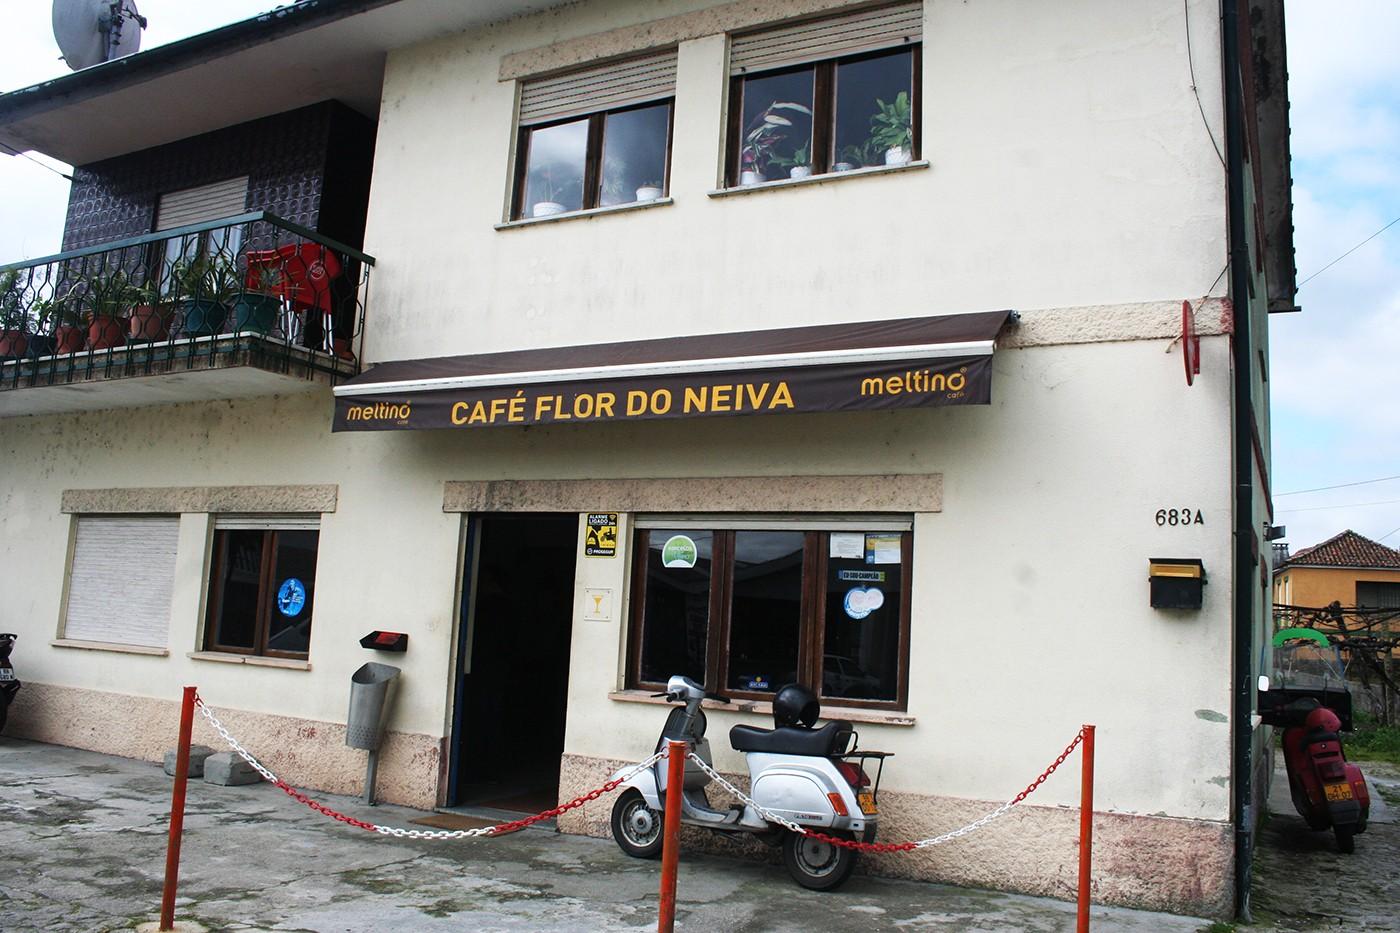 Café Flor do Neiva